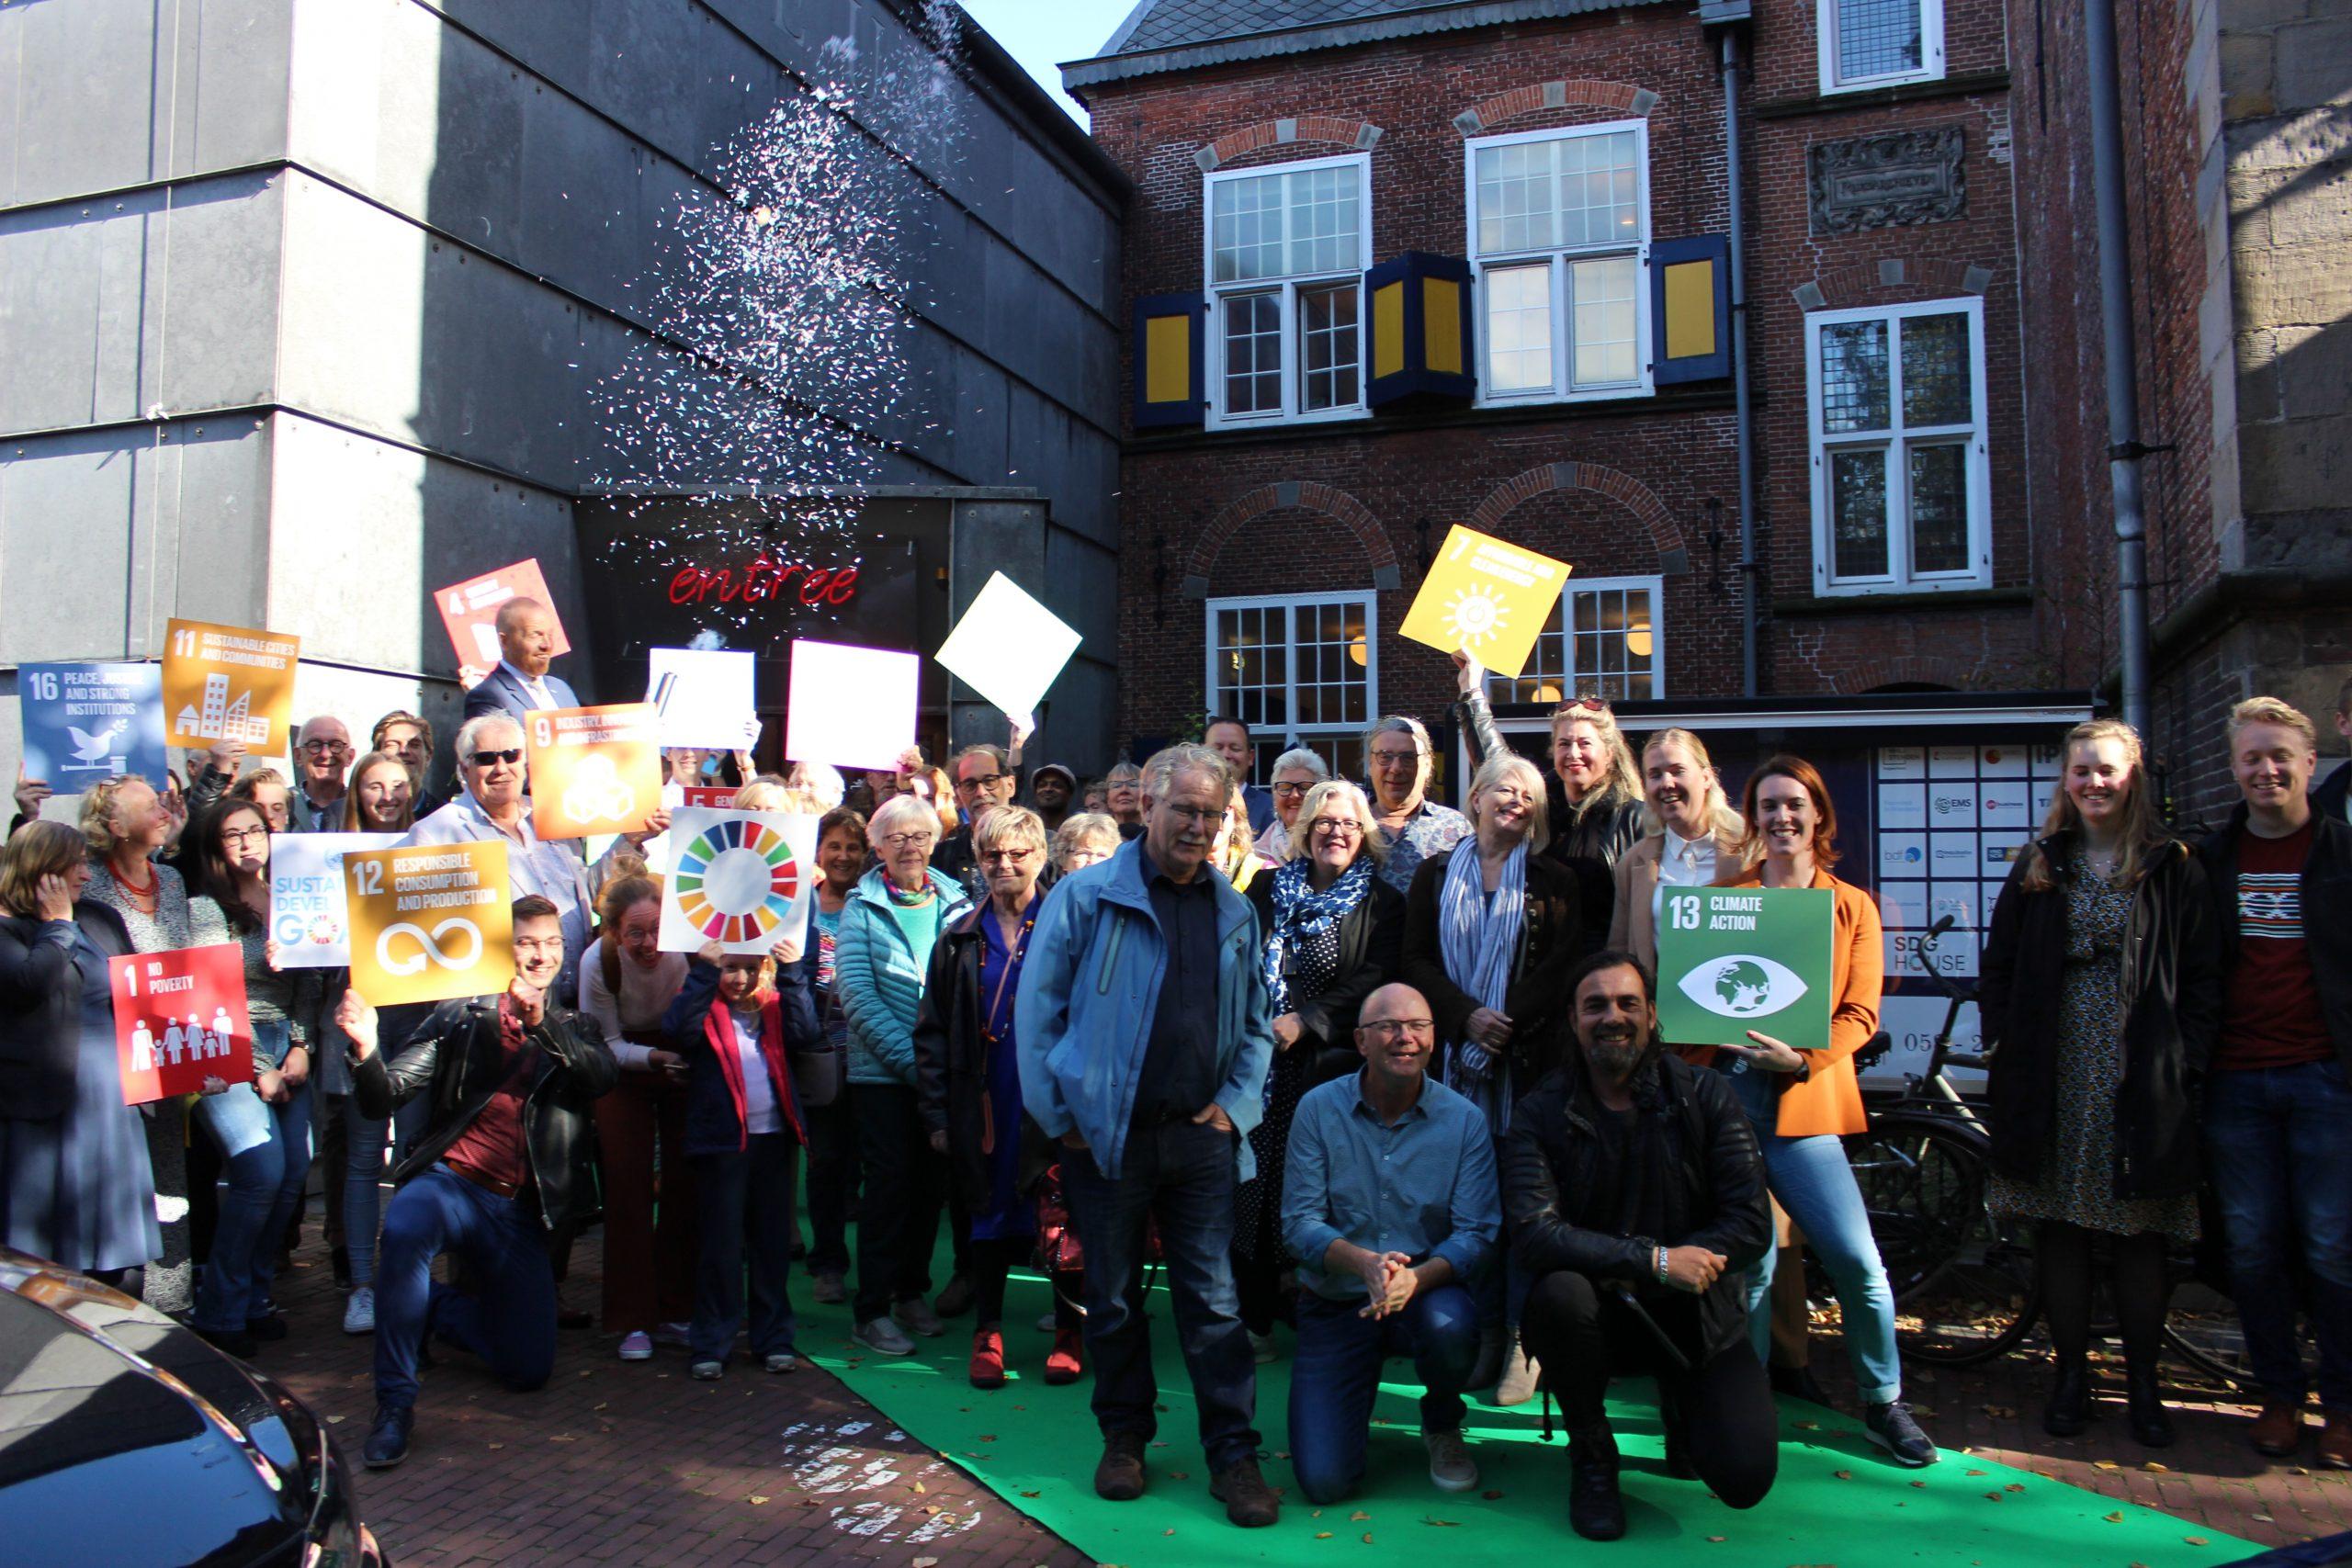 Het publiek staat juichend met SDG borden in de lucht voor de Kanselarij bij de opening van de SDG House Fryslân met duurzaam confetti